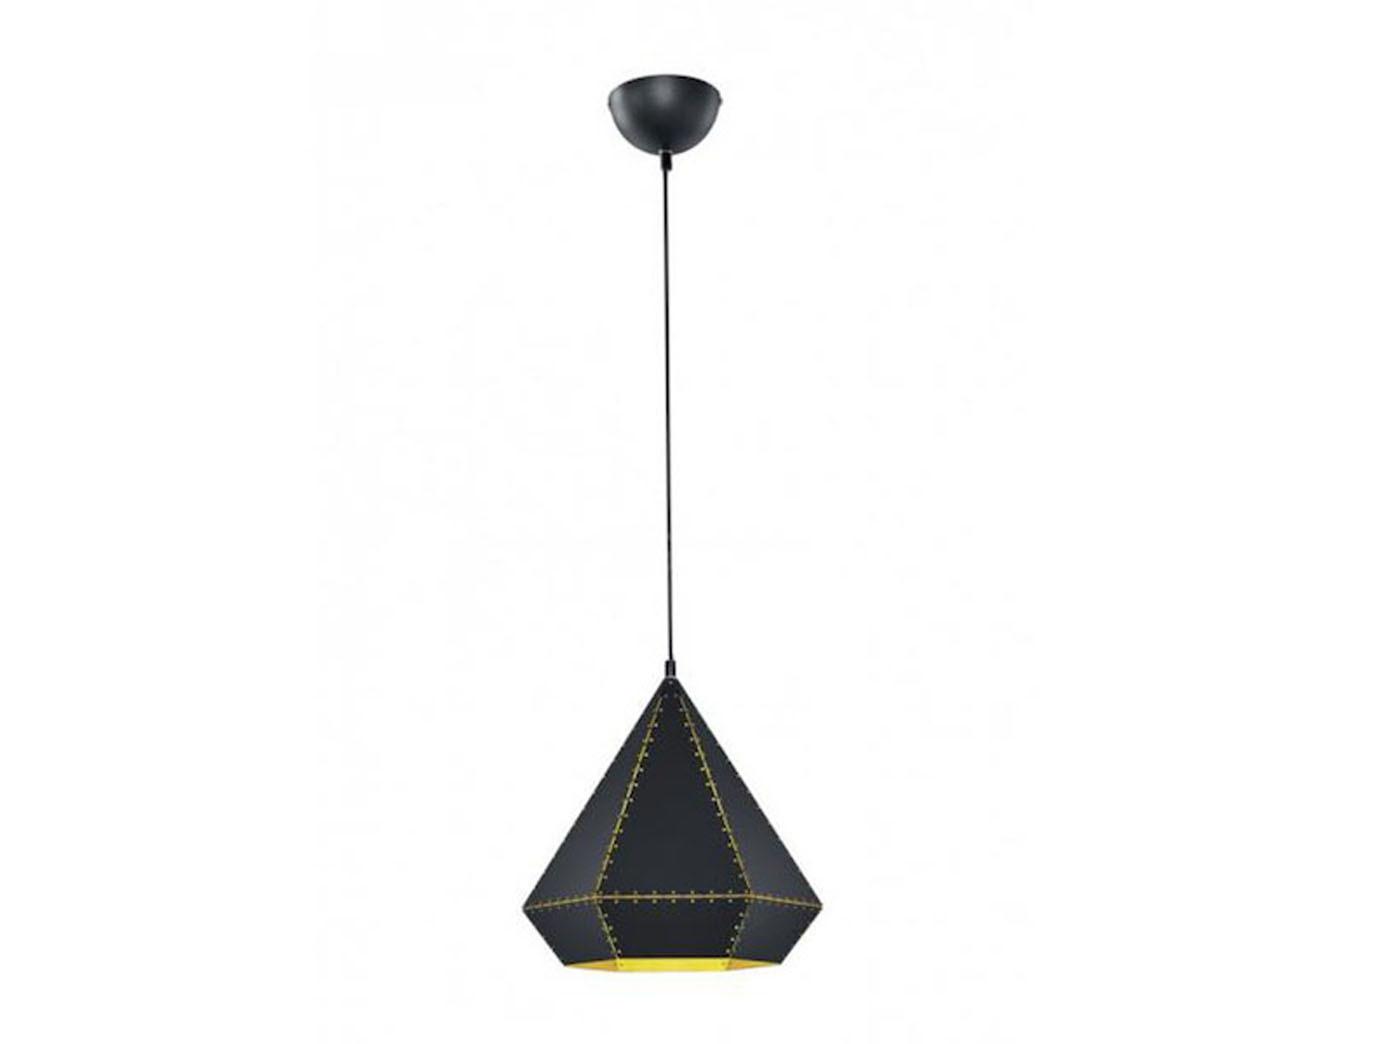 Inspirierend Hängelampe Küche Galerie Von Das Bild Wird Geladen Trio-design-haengelampe-ton-schwarz-gold-35cm-pendelleuchte-